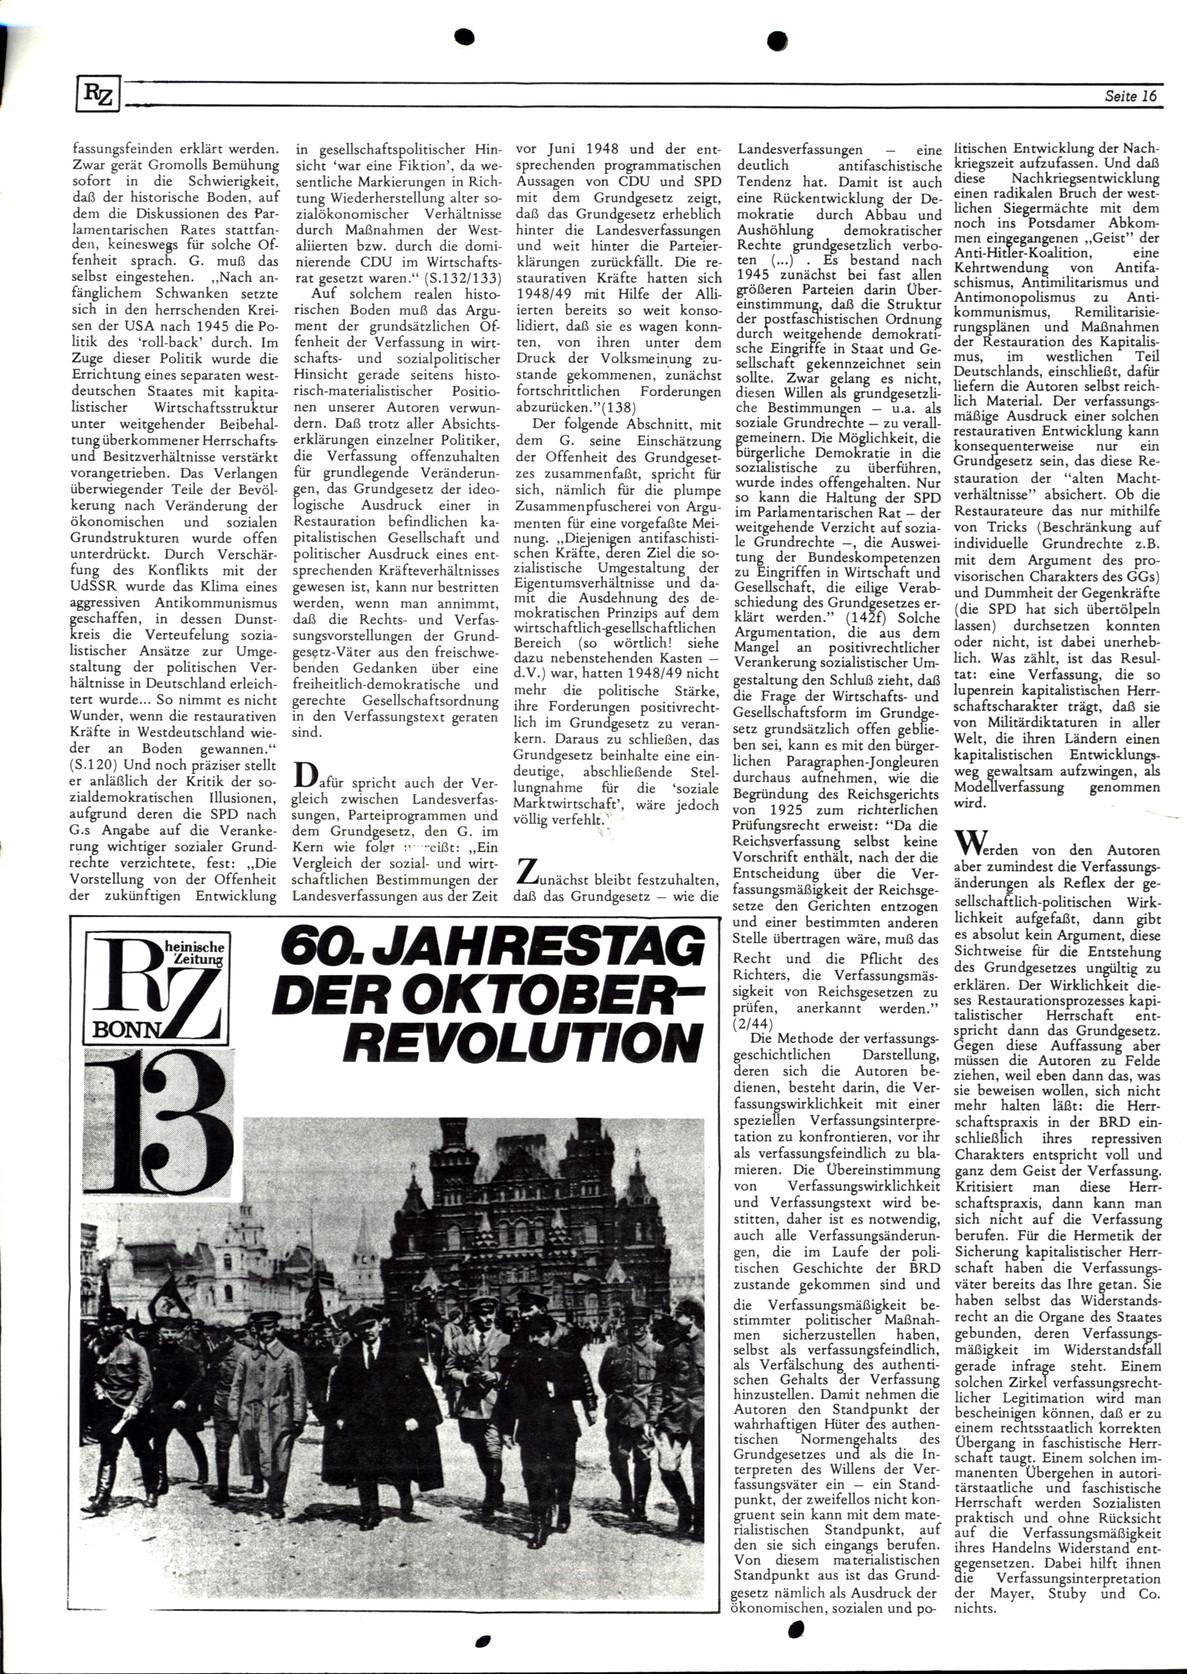 Bonn_RZ_12_19771100_16